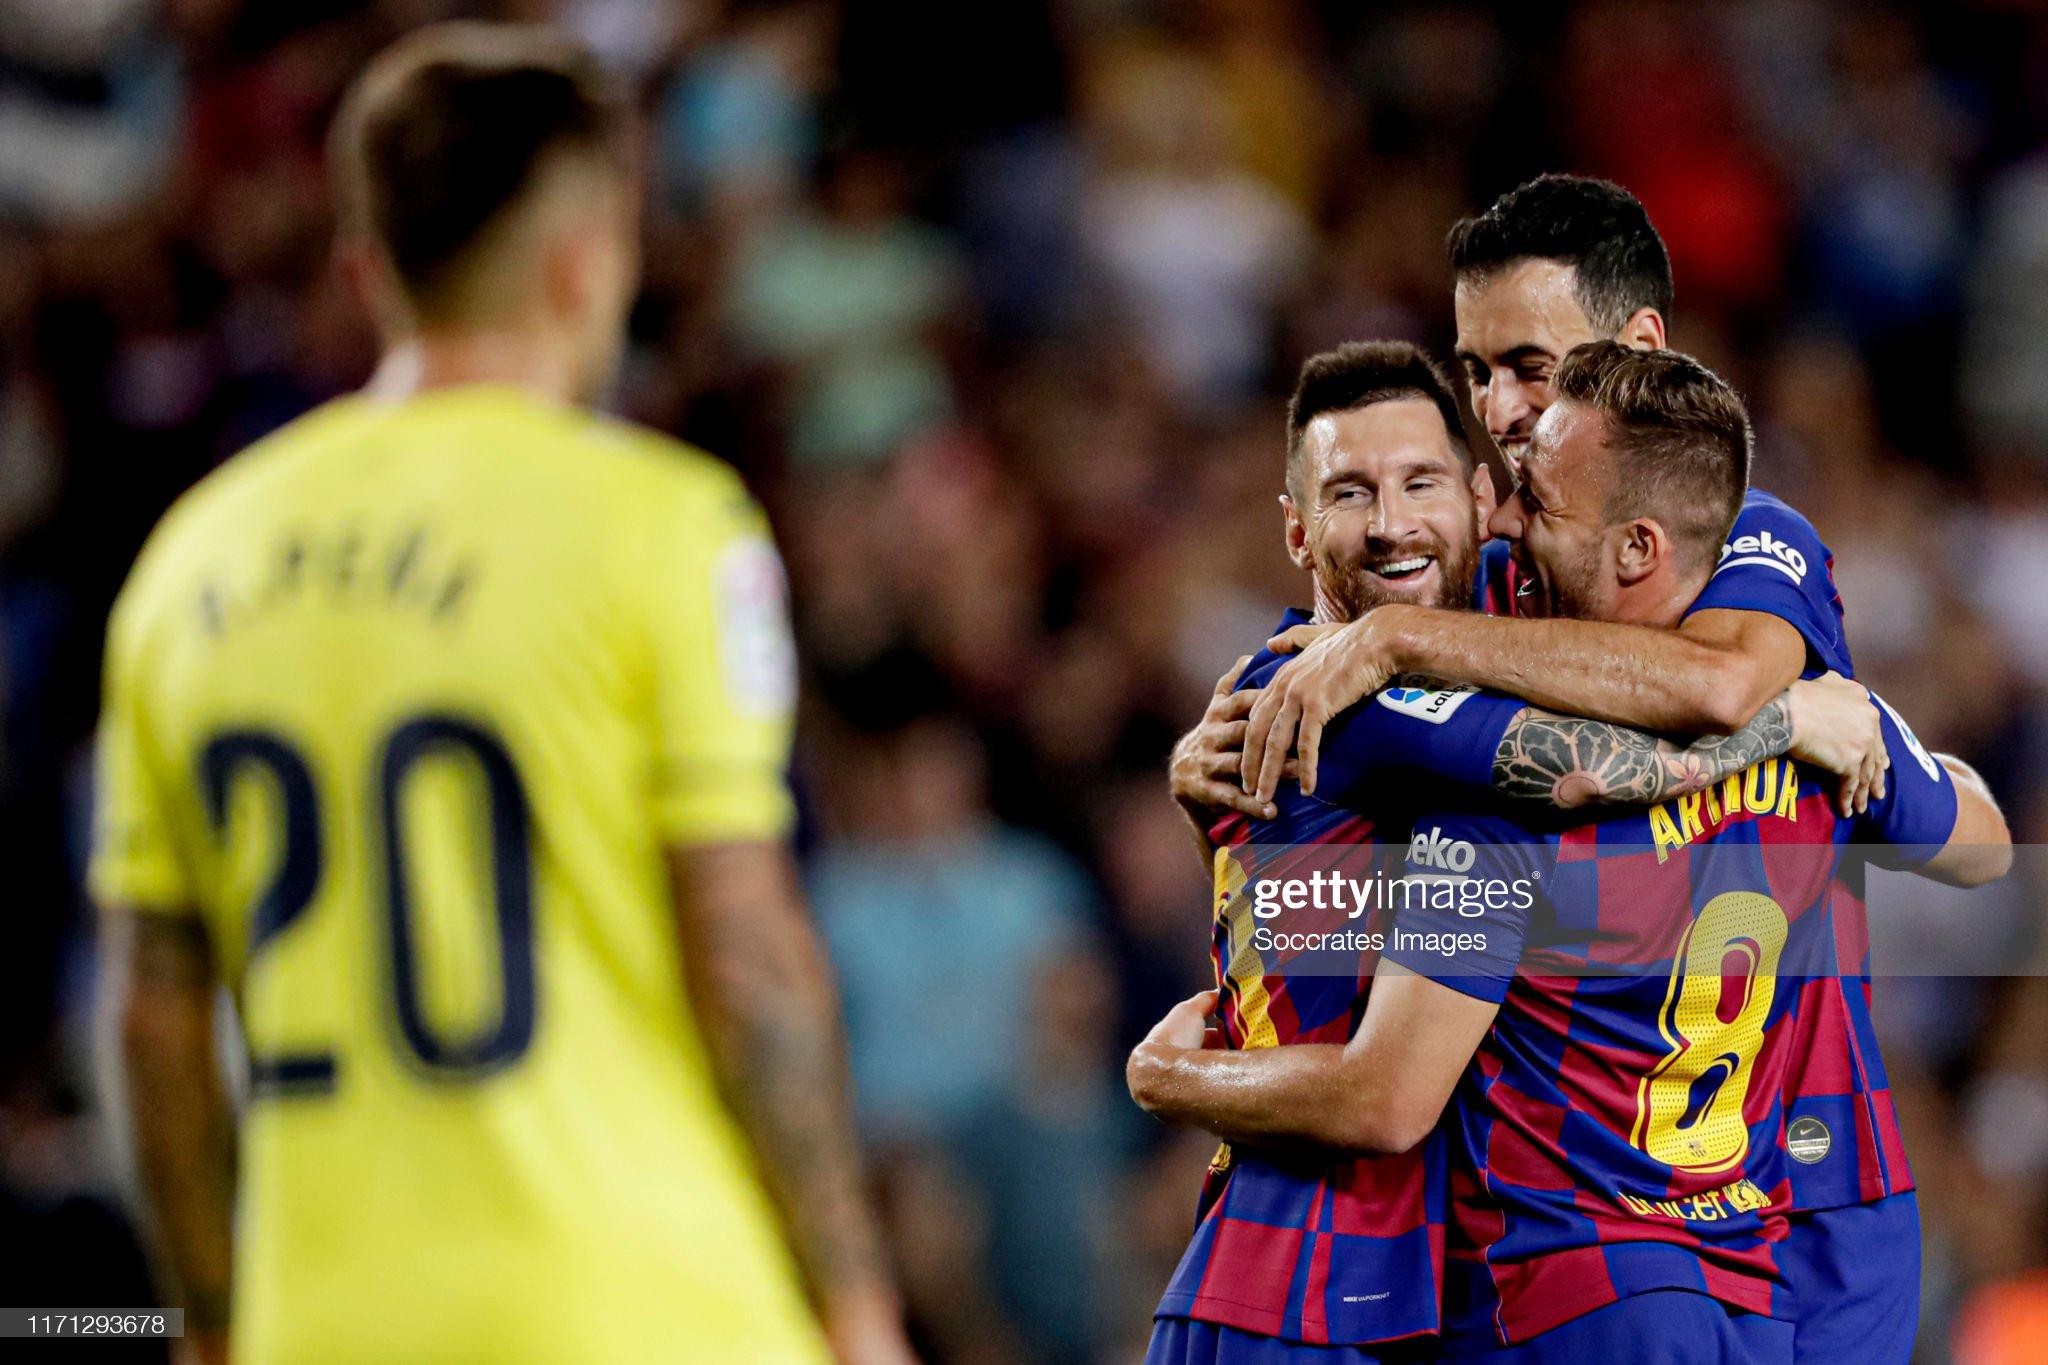 صور مباراة : برشلونة - فياريال 2-1 ( 24-09-2019 )  Arthur-of-fc-barcelona-celebrates-20-with-lionel-messi-of-fc-sergio-picture-id1171293678?s=2048x2048